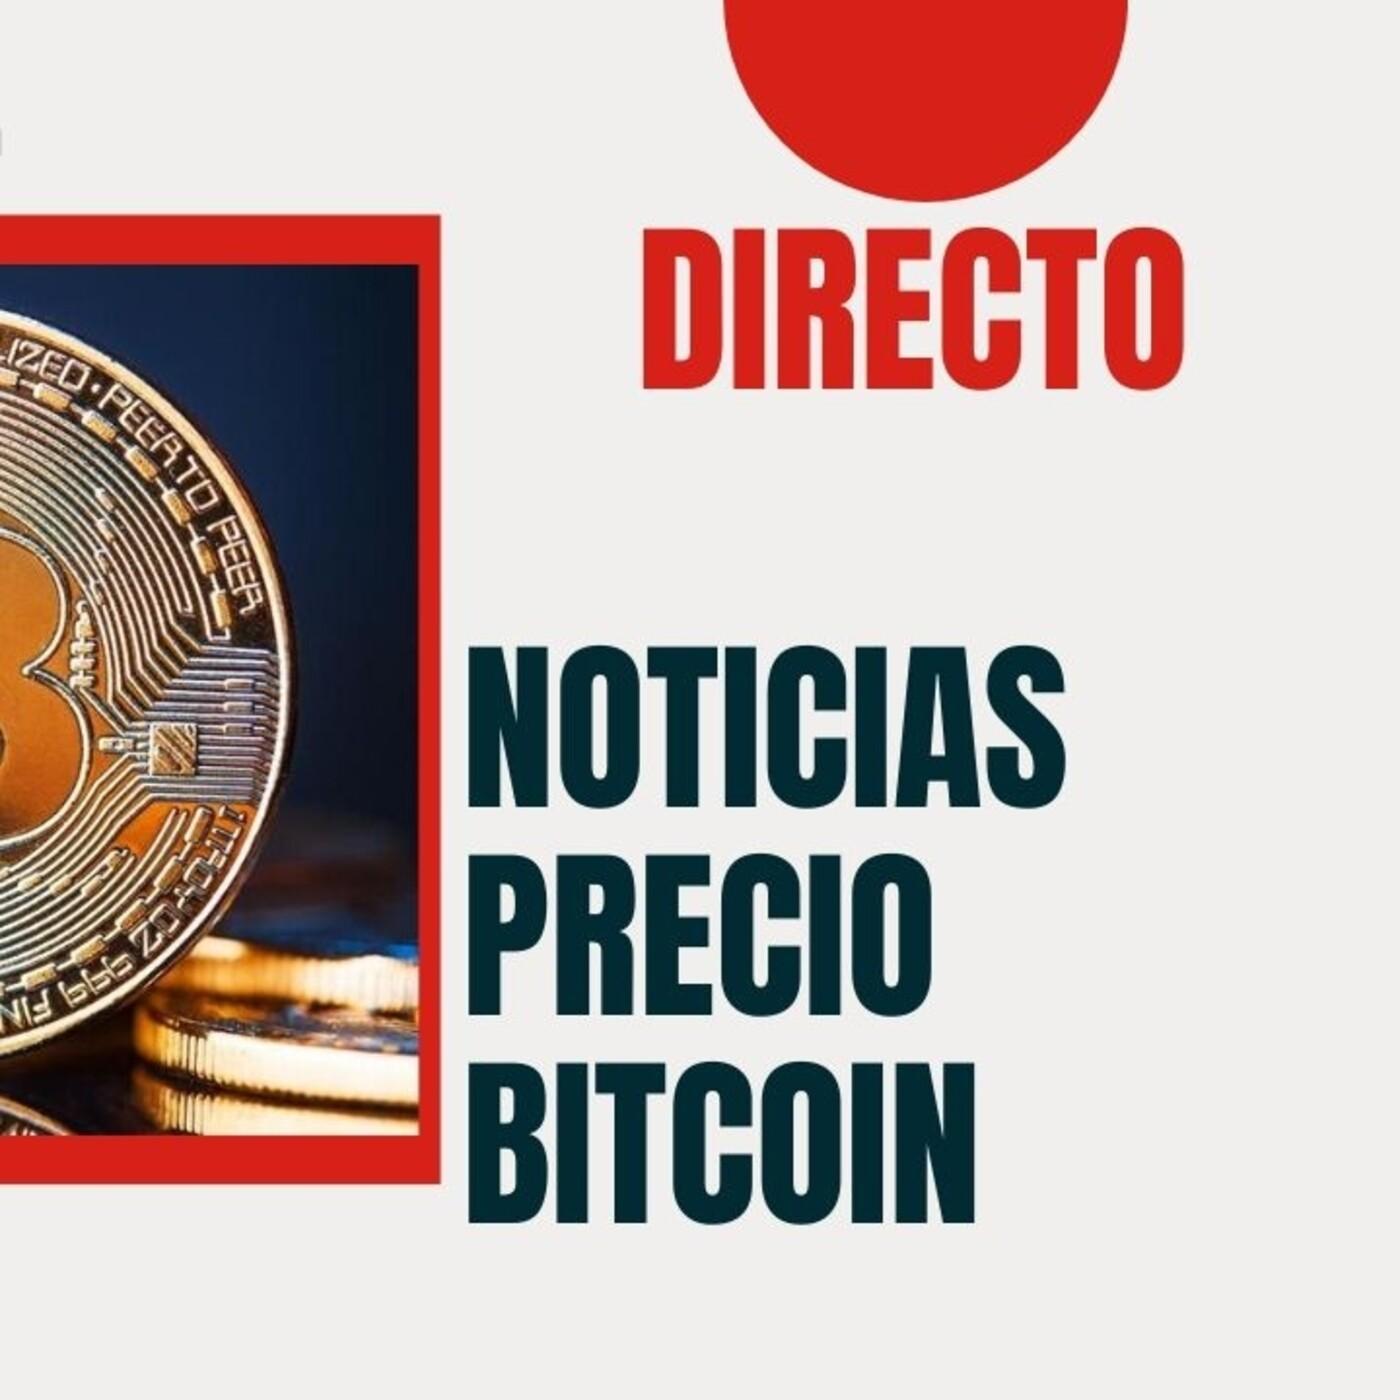 Directo Bitcoin - Noticias y Precio - Julio 2020